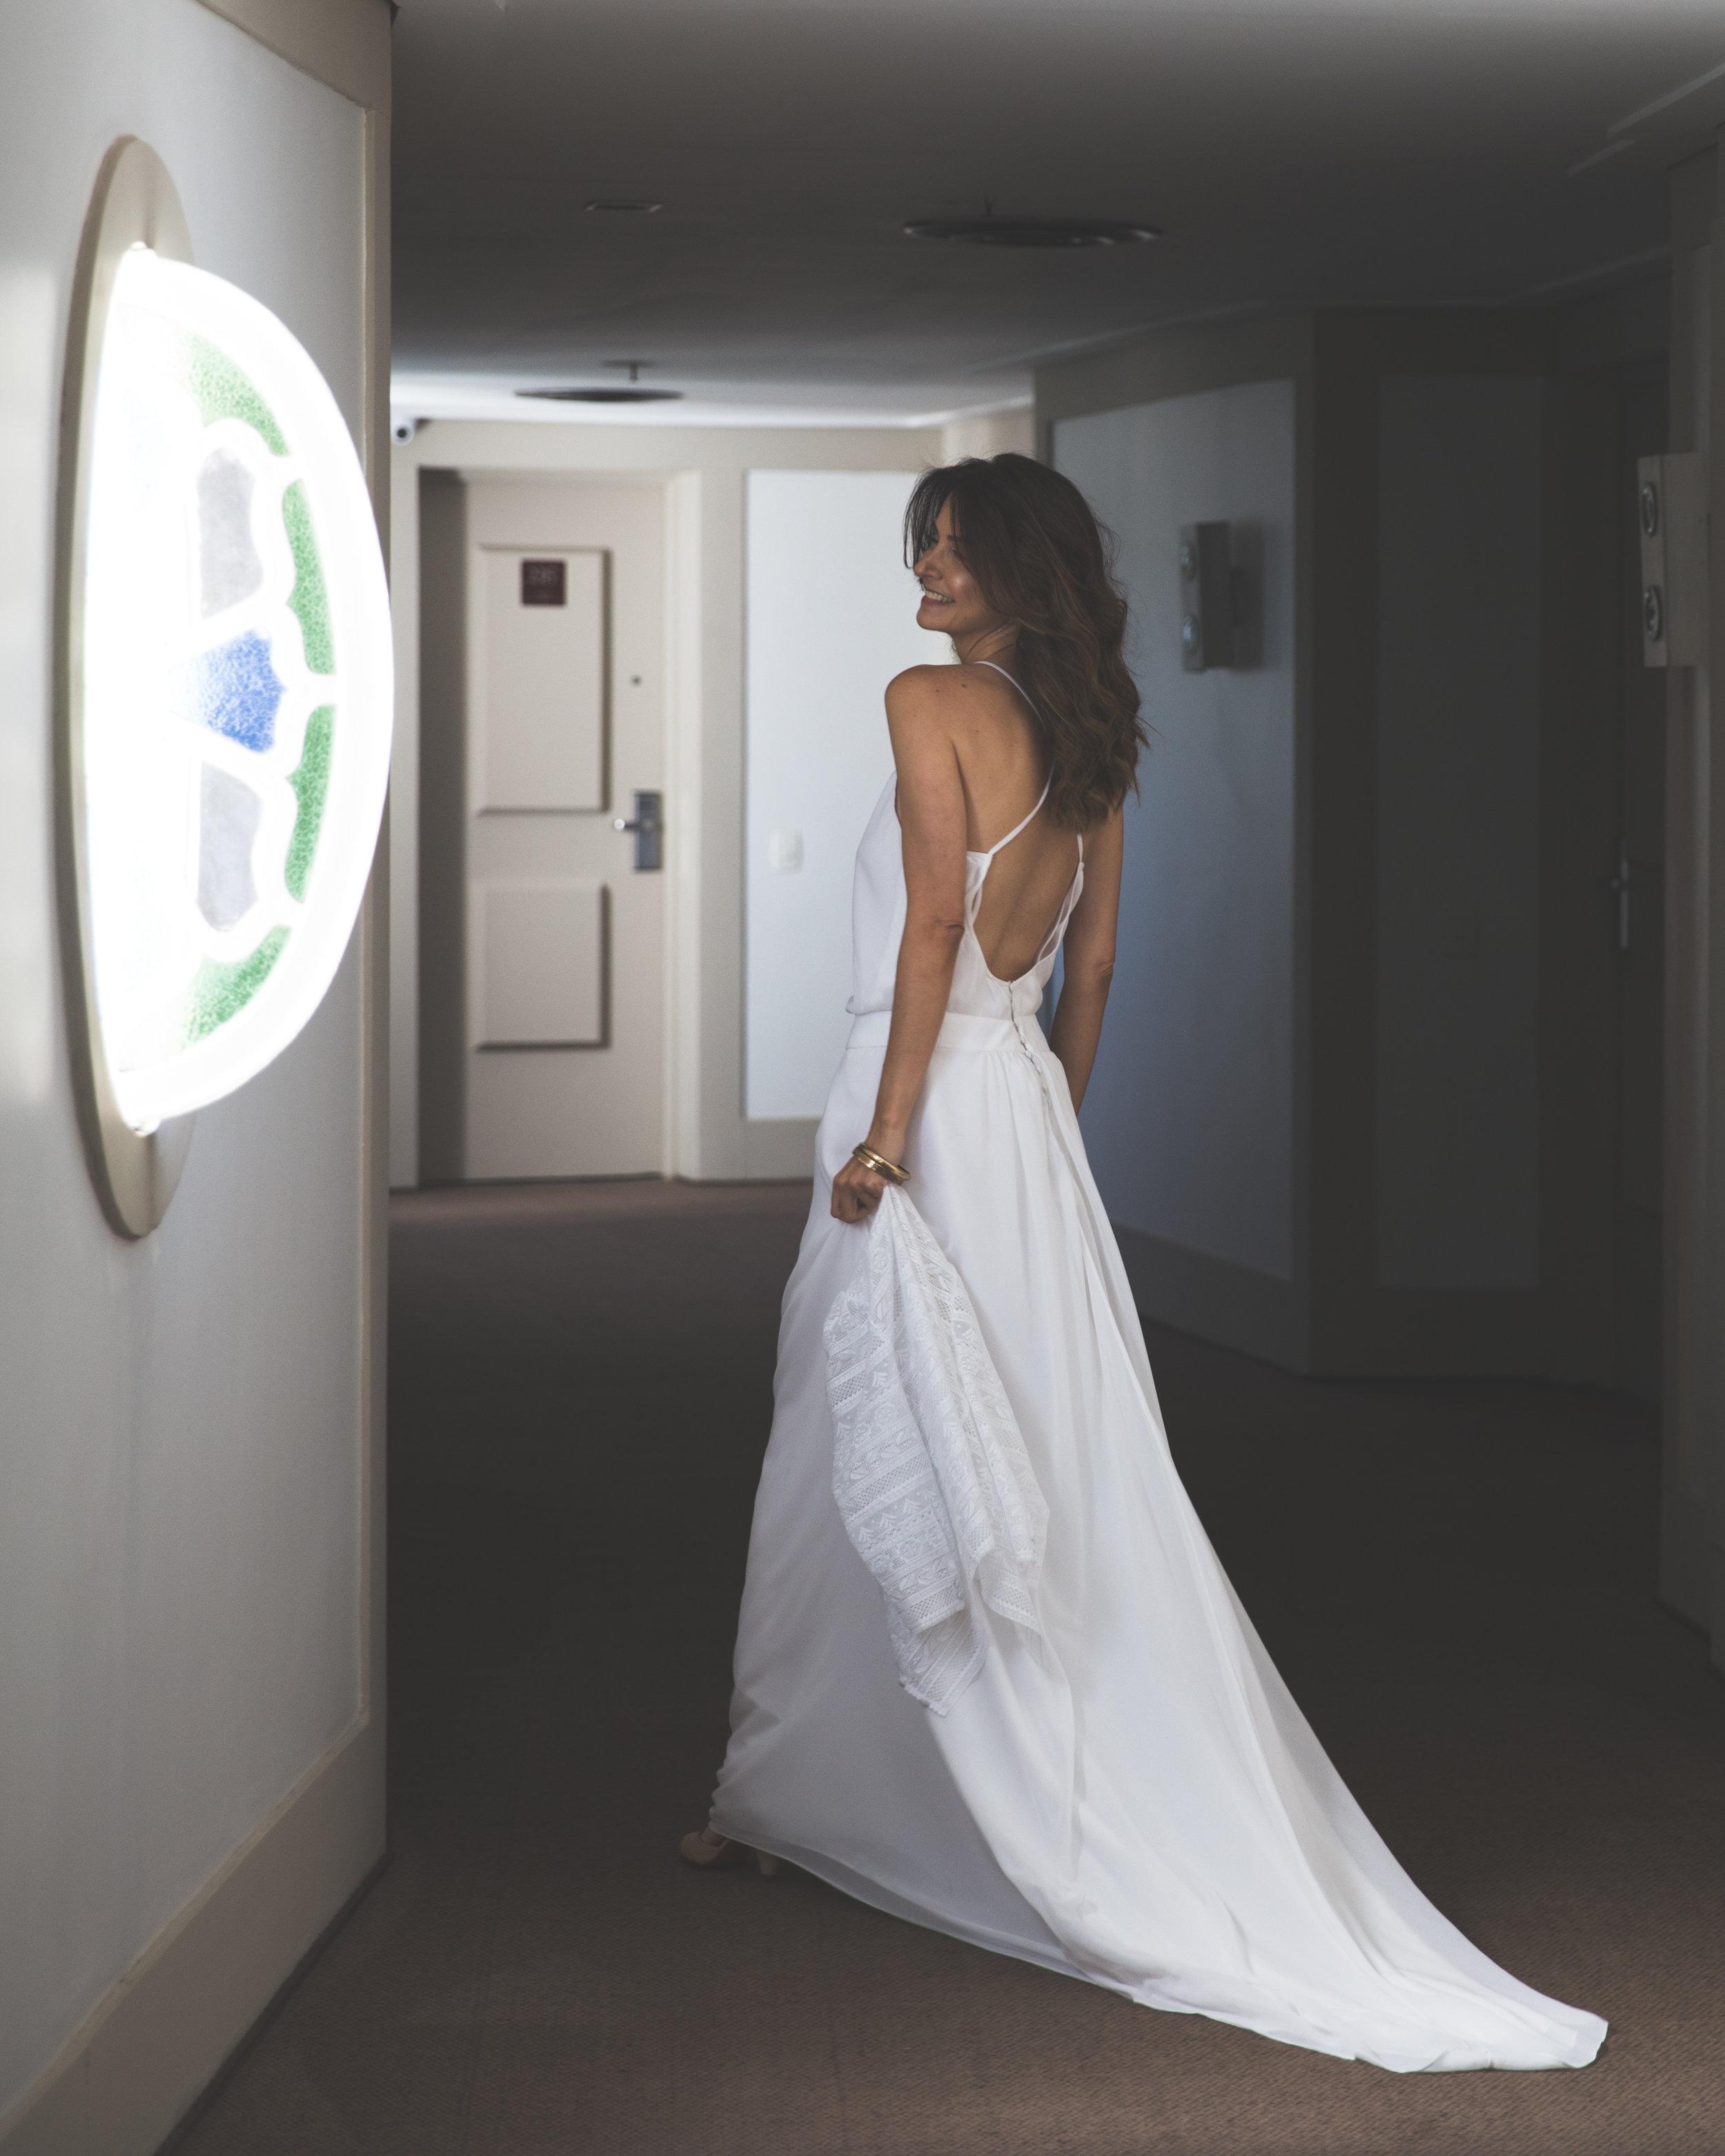 Vestido e Casaqueto Drummond . L'Appartement Atelier . Made in BH . Made in Brazil . Vestido de Noiva BH